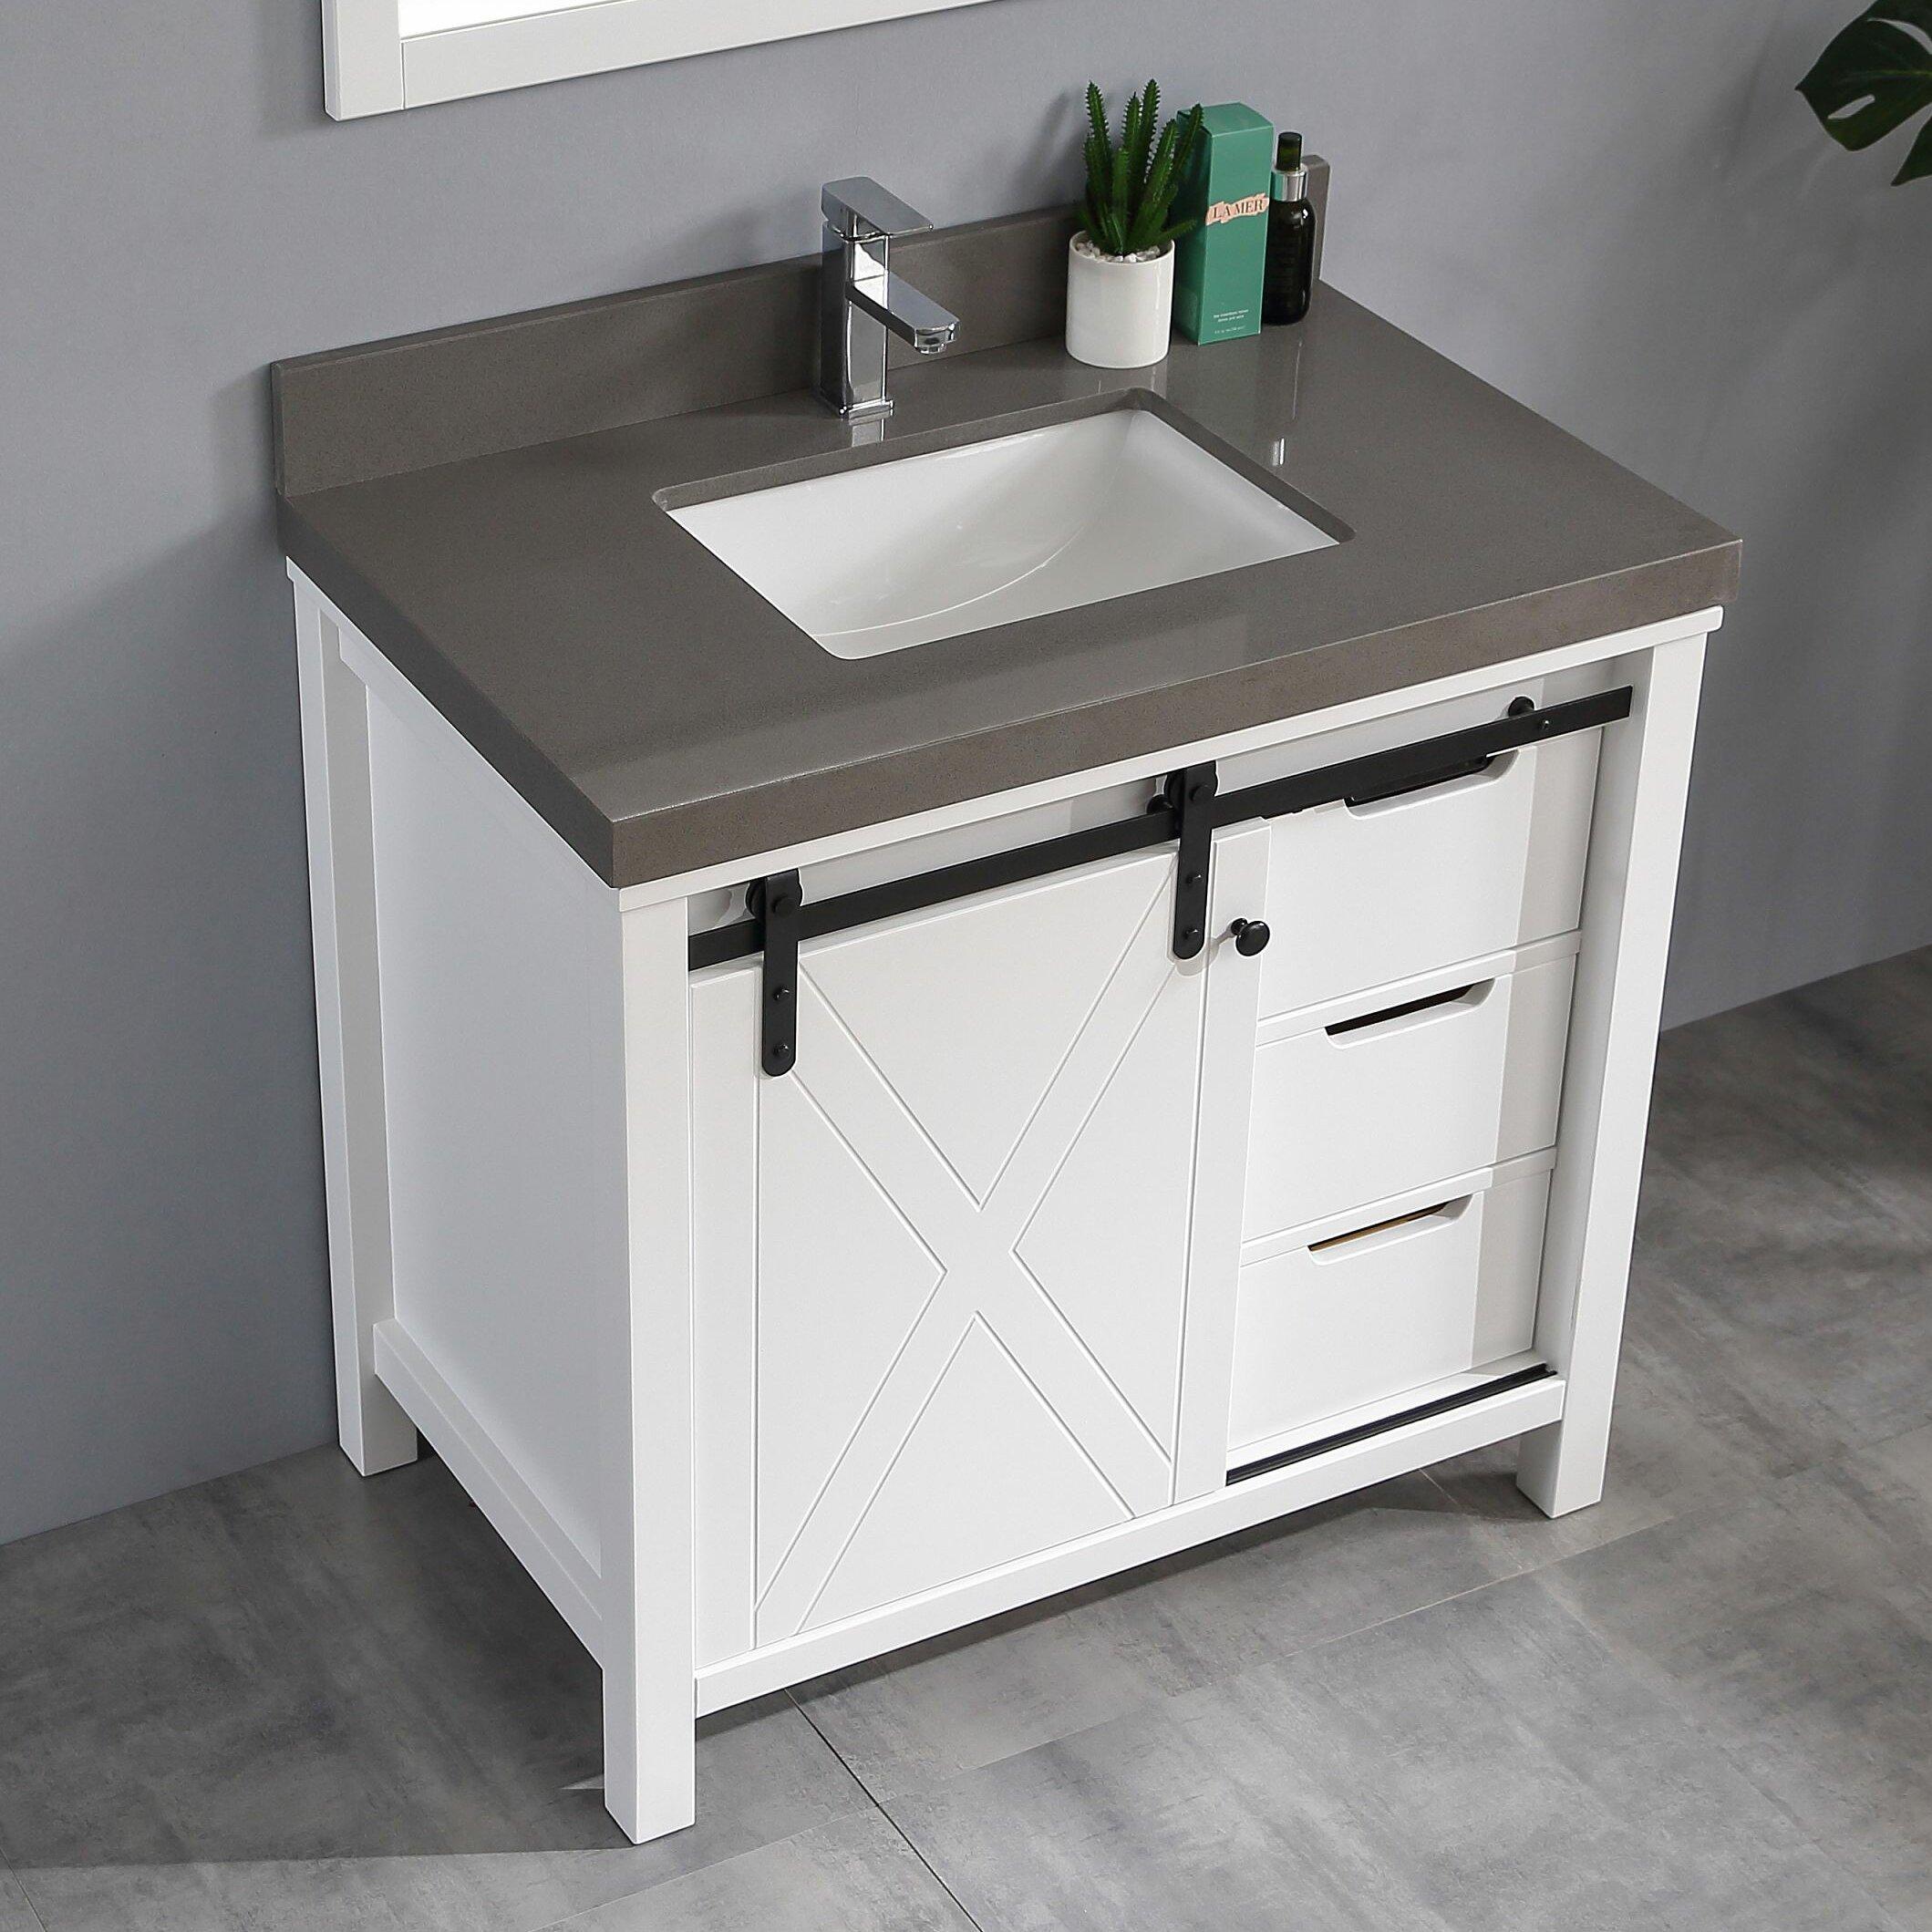 Gracie Oaks Keya 36 Single Bathroom Vanity Wayfair